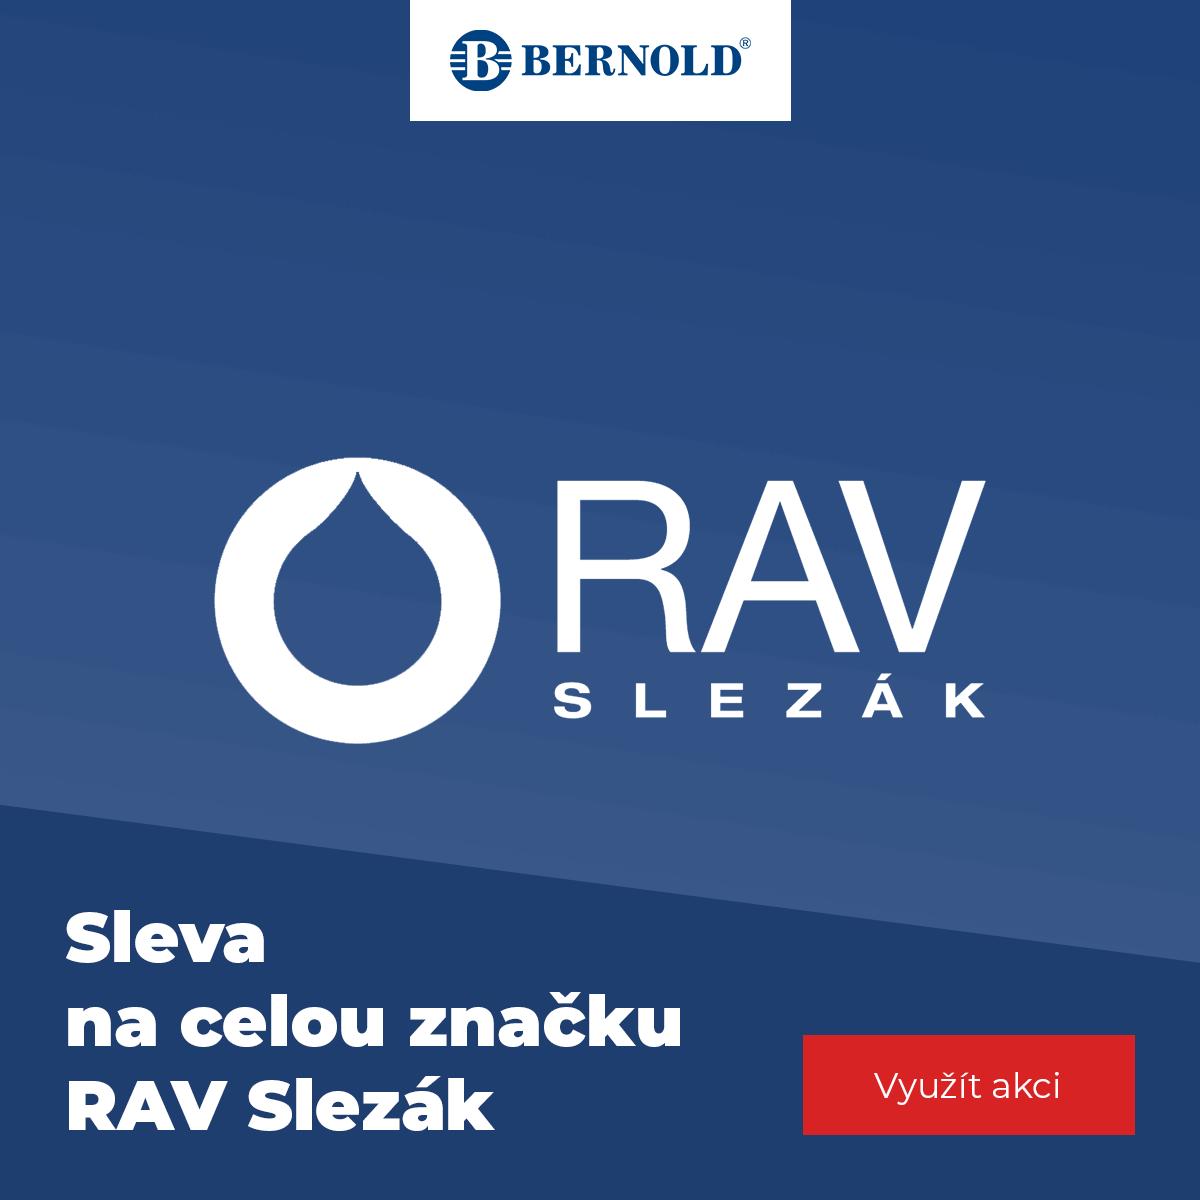 Slevy baterie Slezák Rav